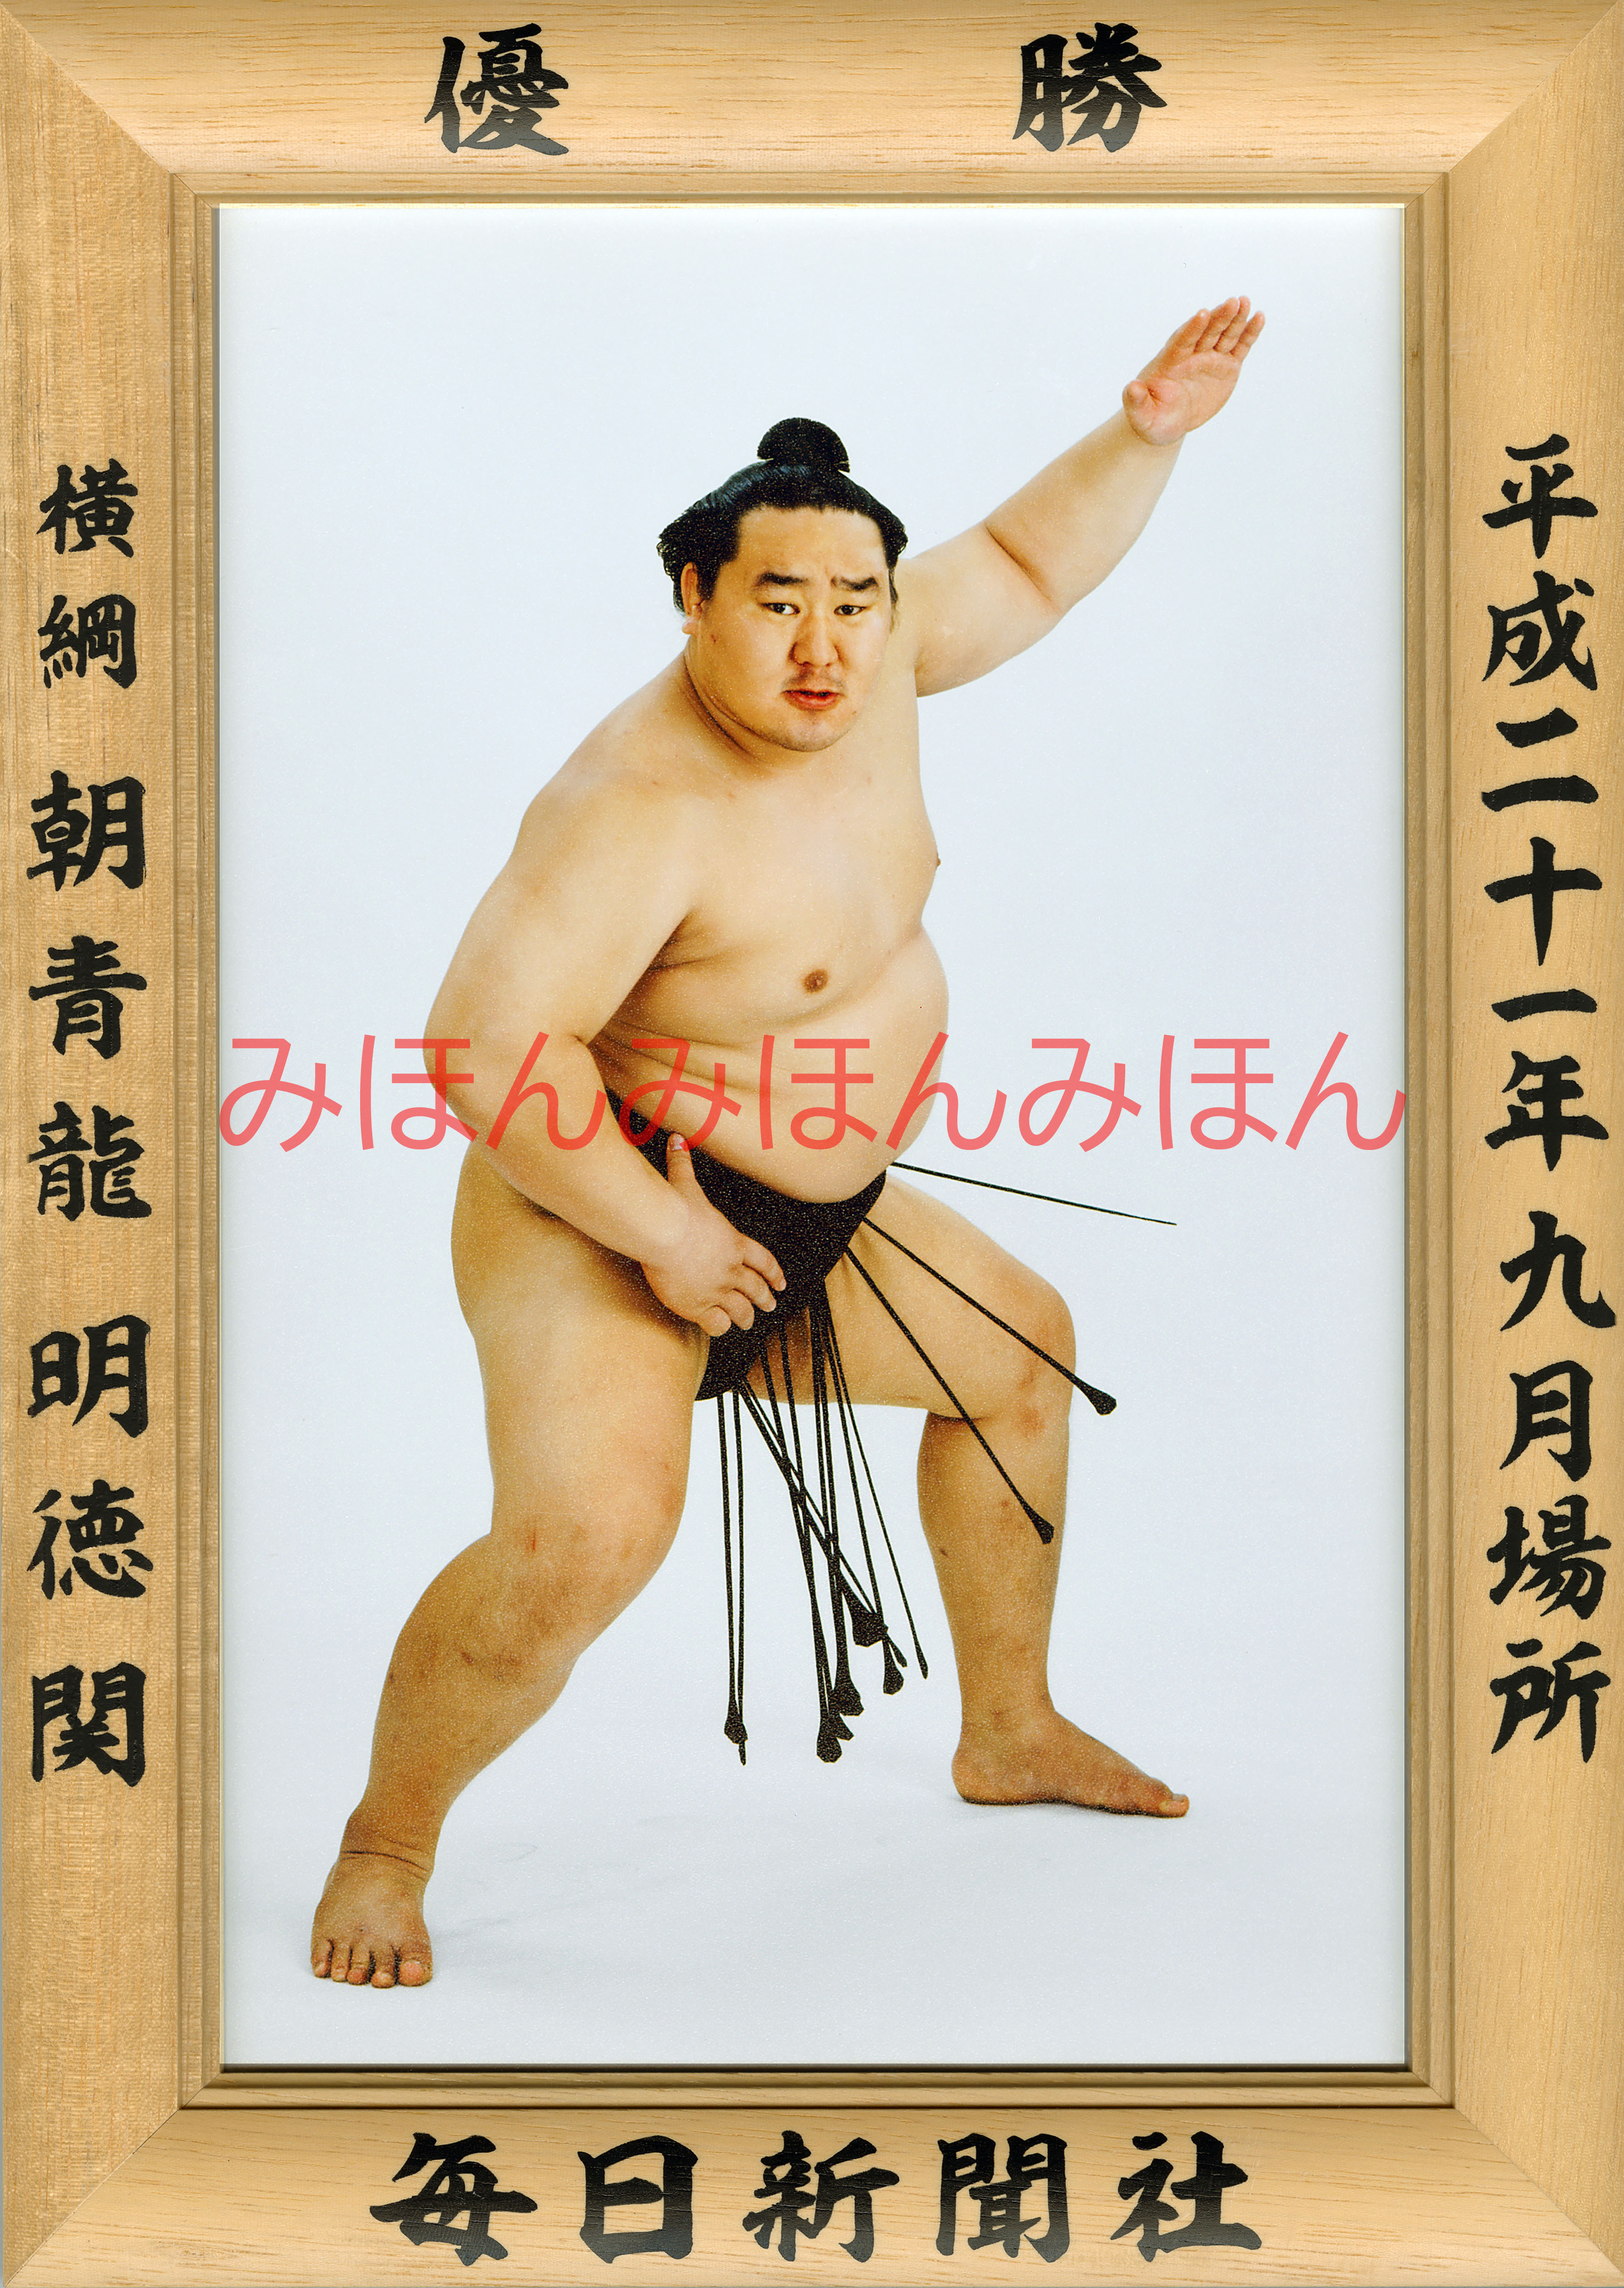 平成21年9月場所優勝 横綱 朝青龍明徳関(24回目の優勝)